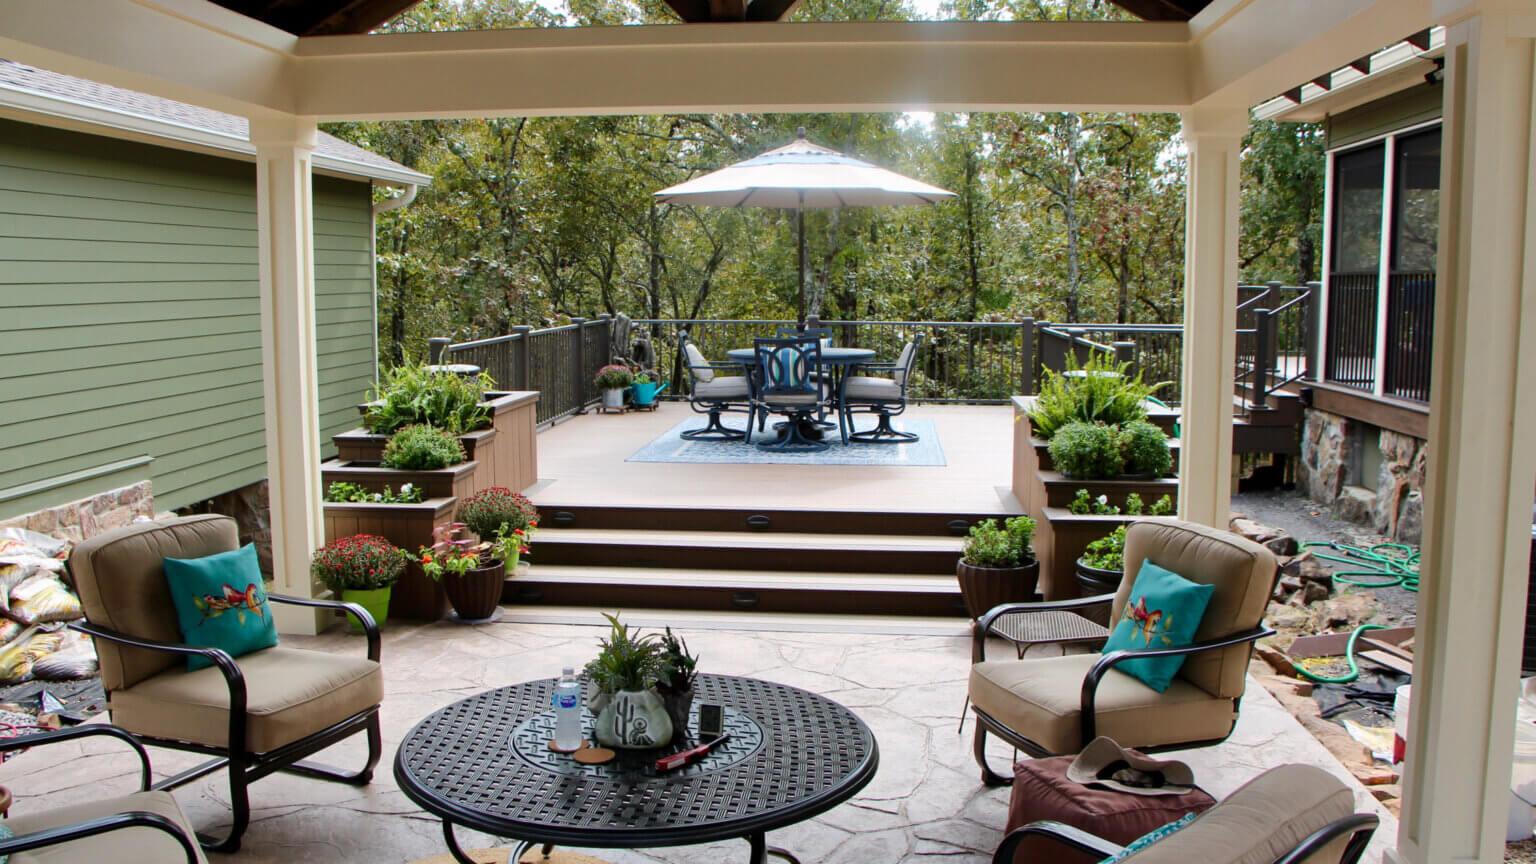 New TimberTech Deck extending off of a flagstone patio